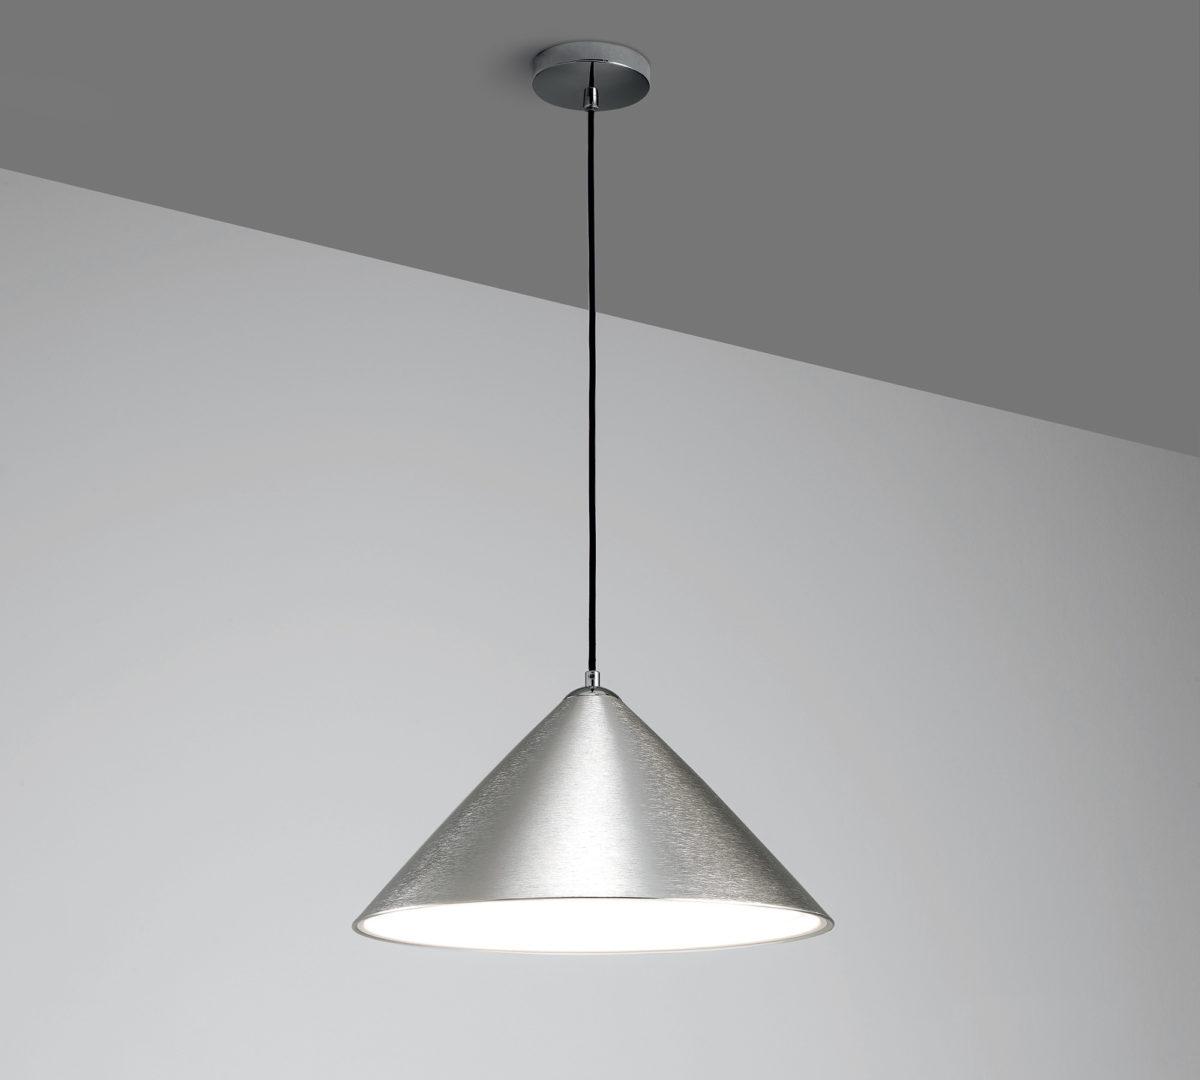 Lampadari design: qual'è la dimensione migliore